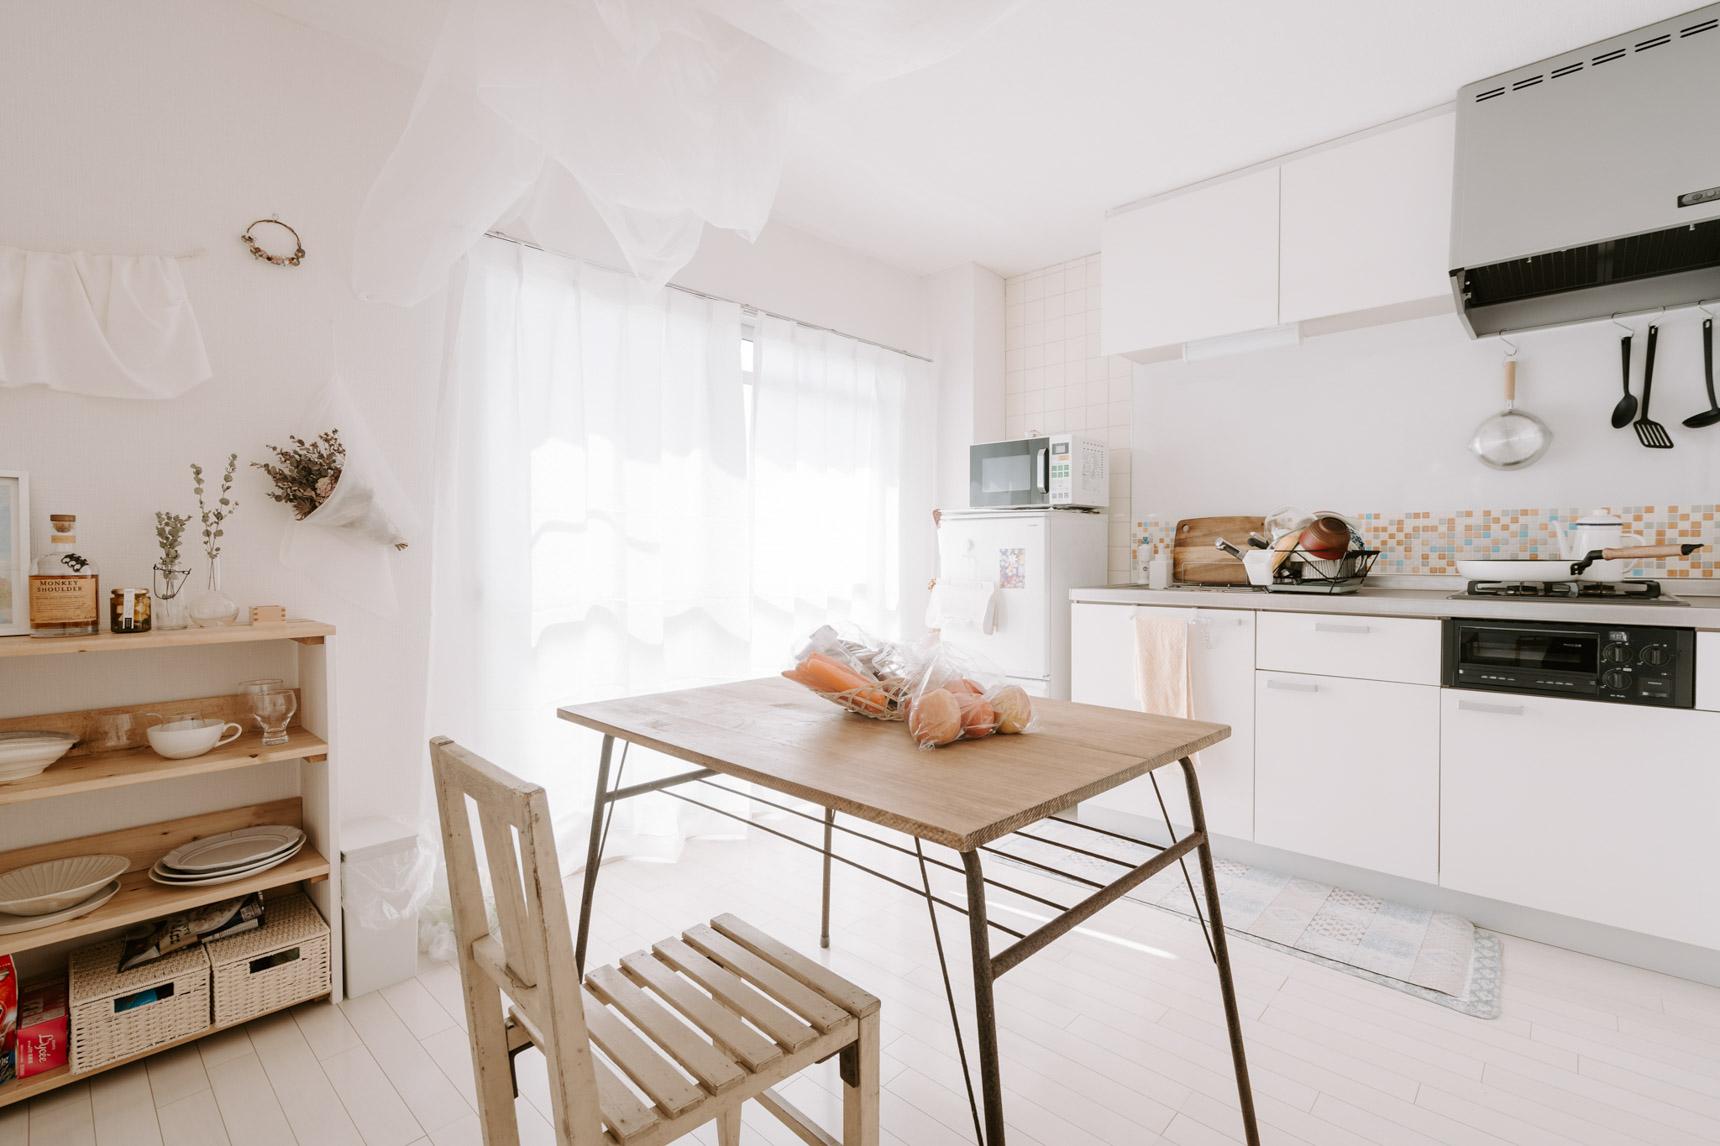 由に照明が付け替えられた居室部分と違って、かなり古い照明が外せなかったダイニングキッチンは、気にならないように白い布で覆って隠しました。